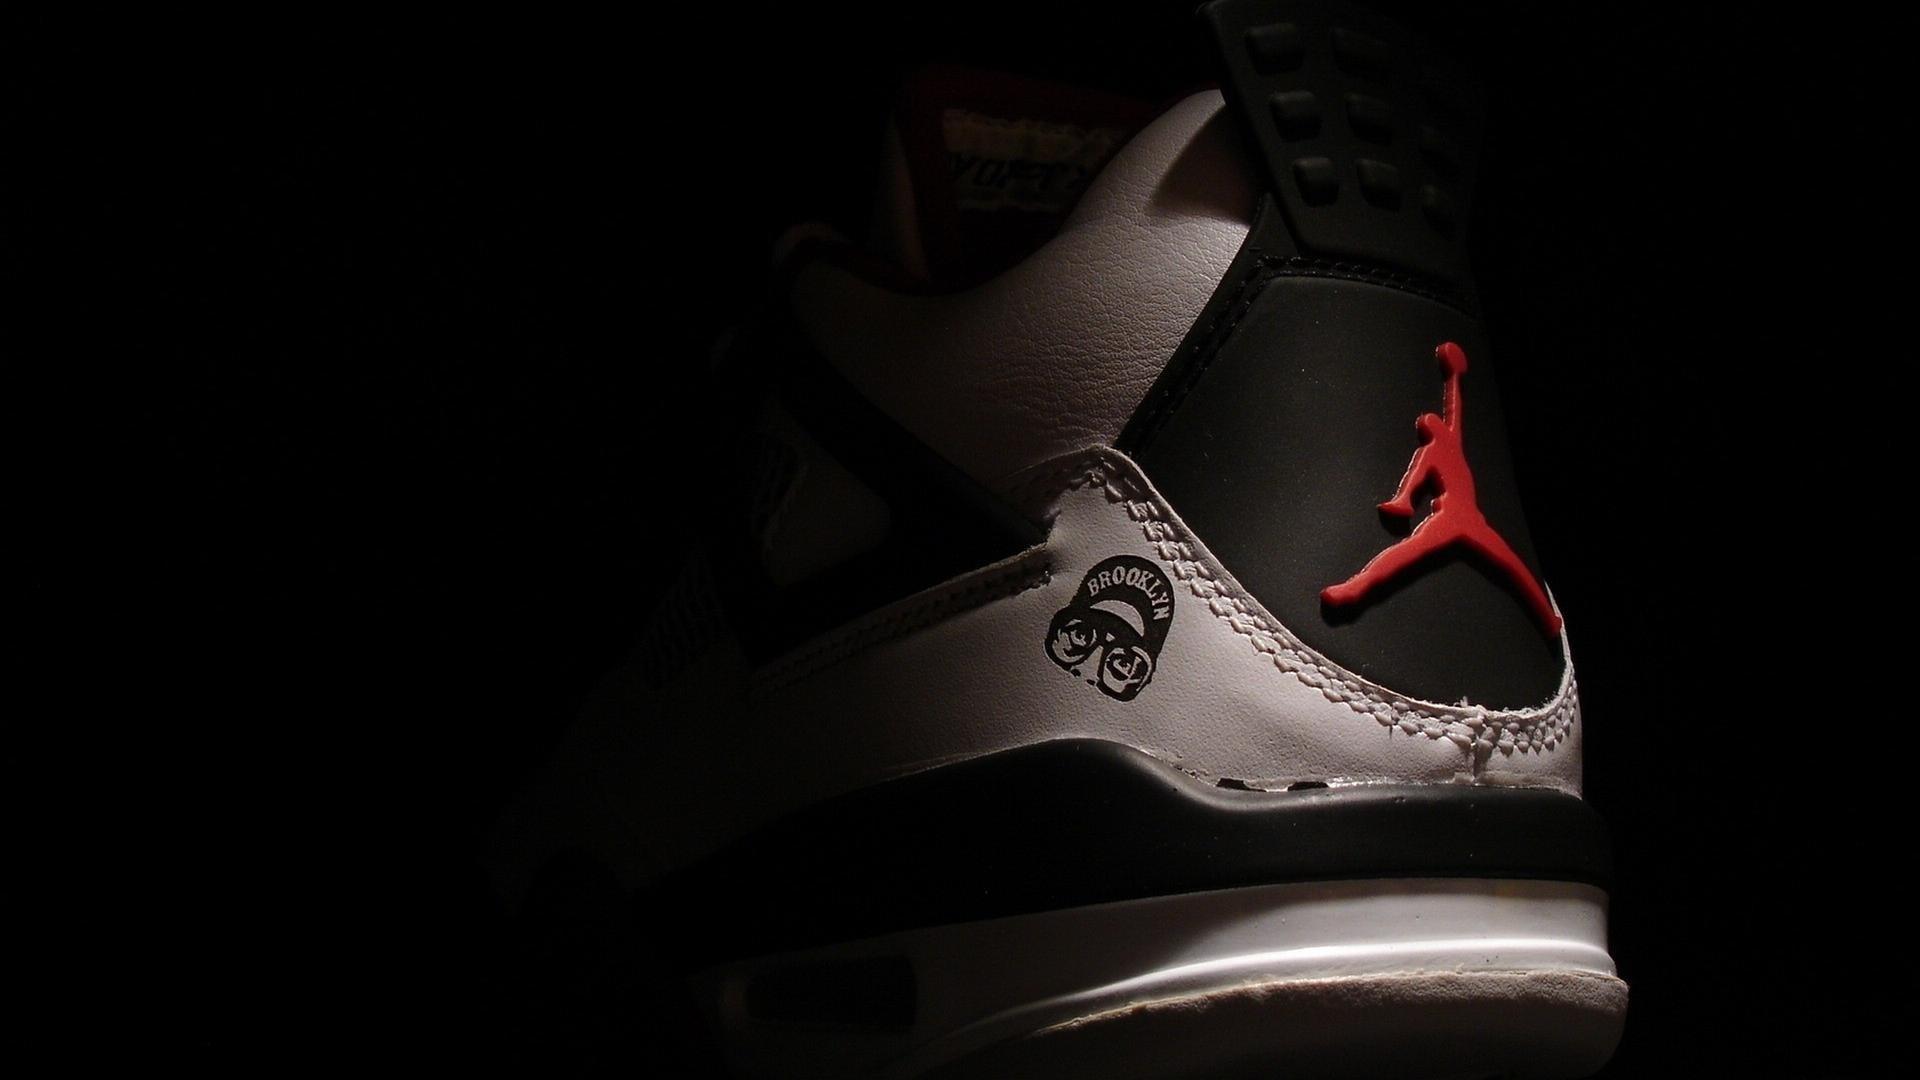 971da4c72e5c90 2048x2048 2048x2048 Air Jordan - Tap to see more amazing air jordan shoes  wallpaper!  mobile9